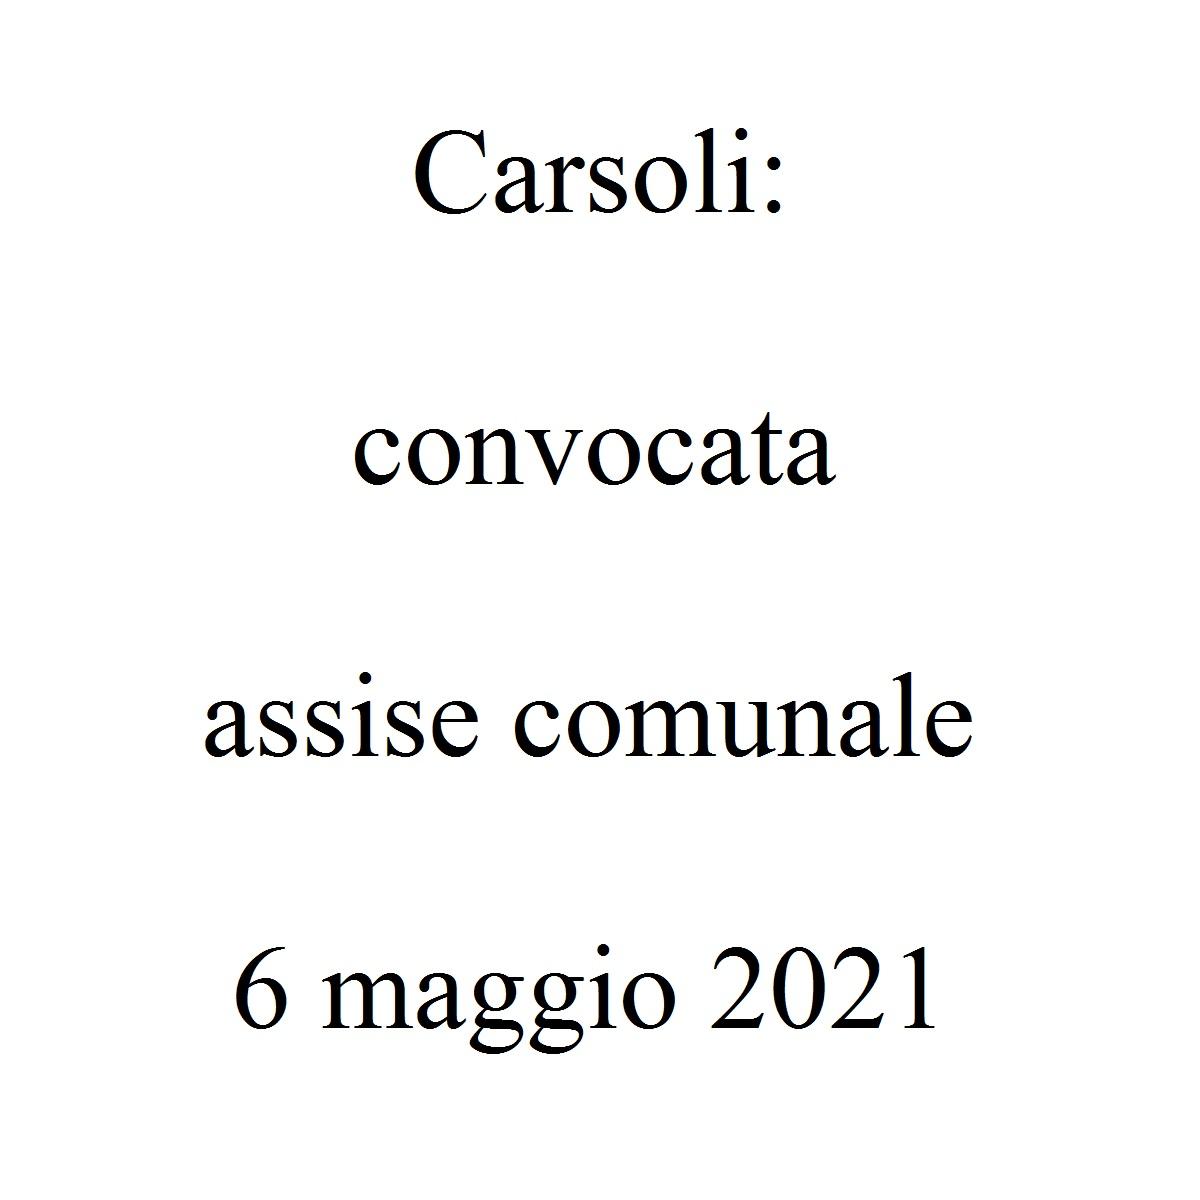 Carsoli convocata assise comunale 6 maggio 2021 foto